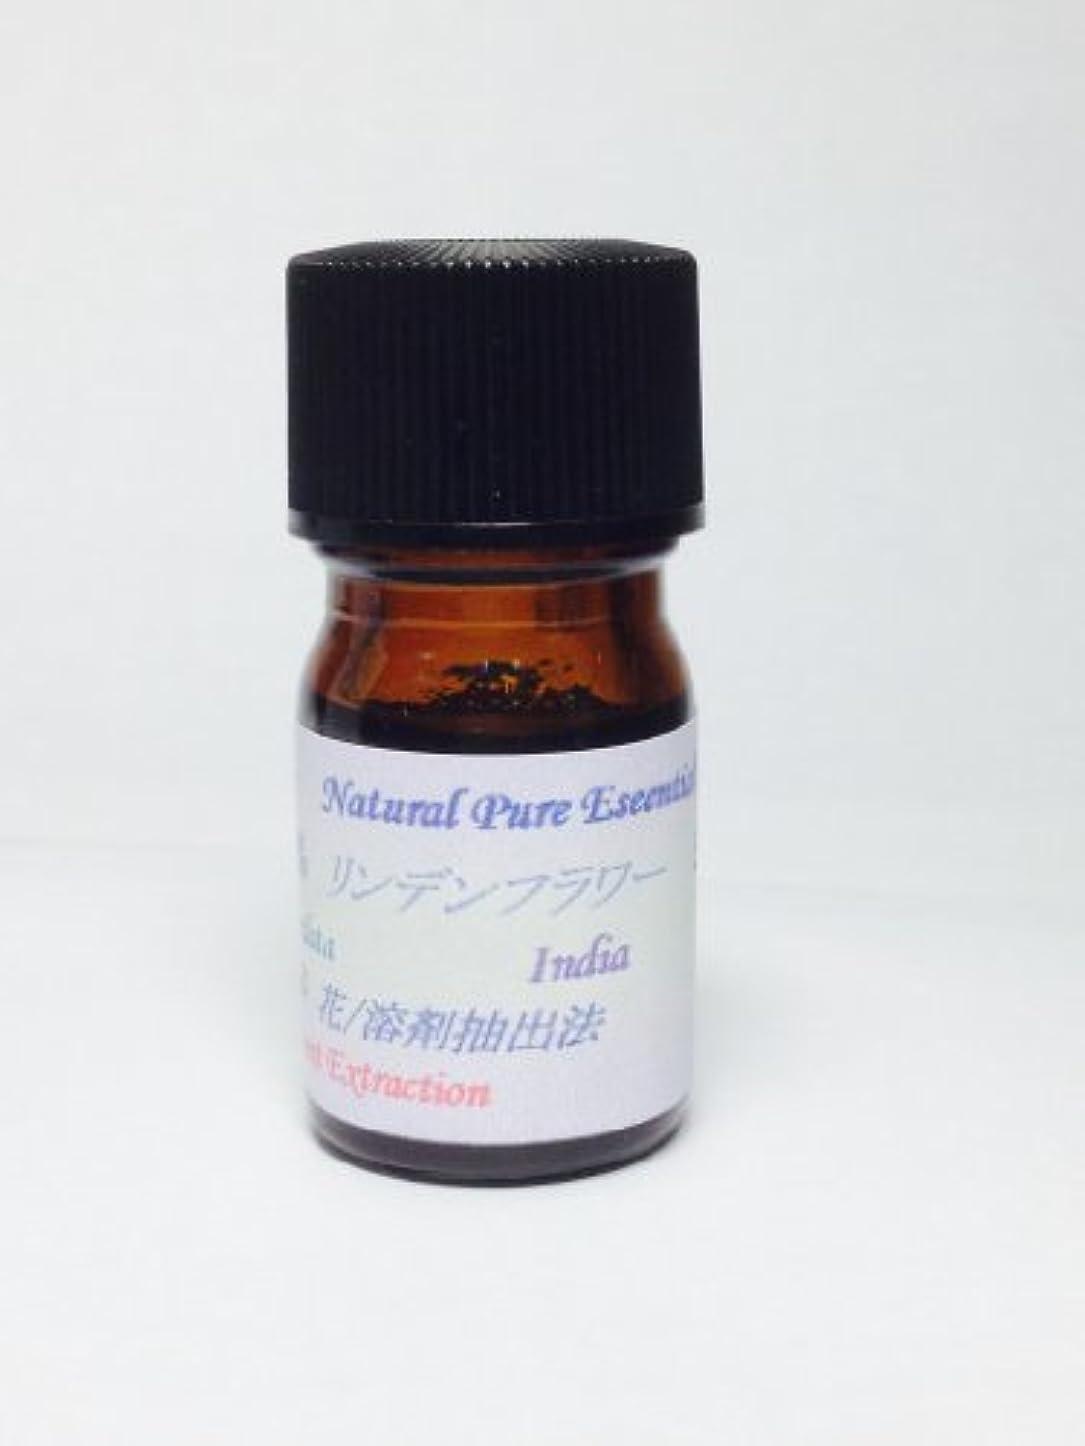 対人レシピミニチュアリンデン フラワー Abs25% エッセンシャルオイル 高級精油 5ml